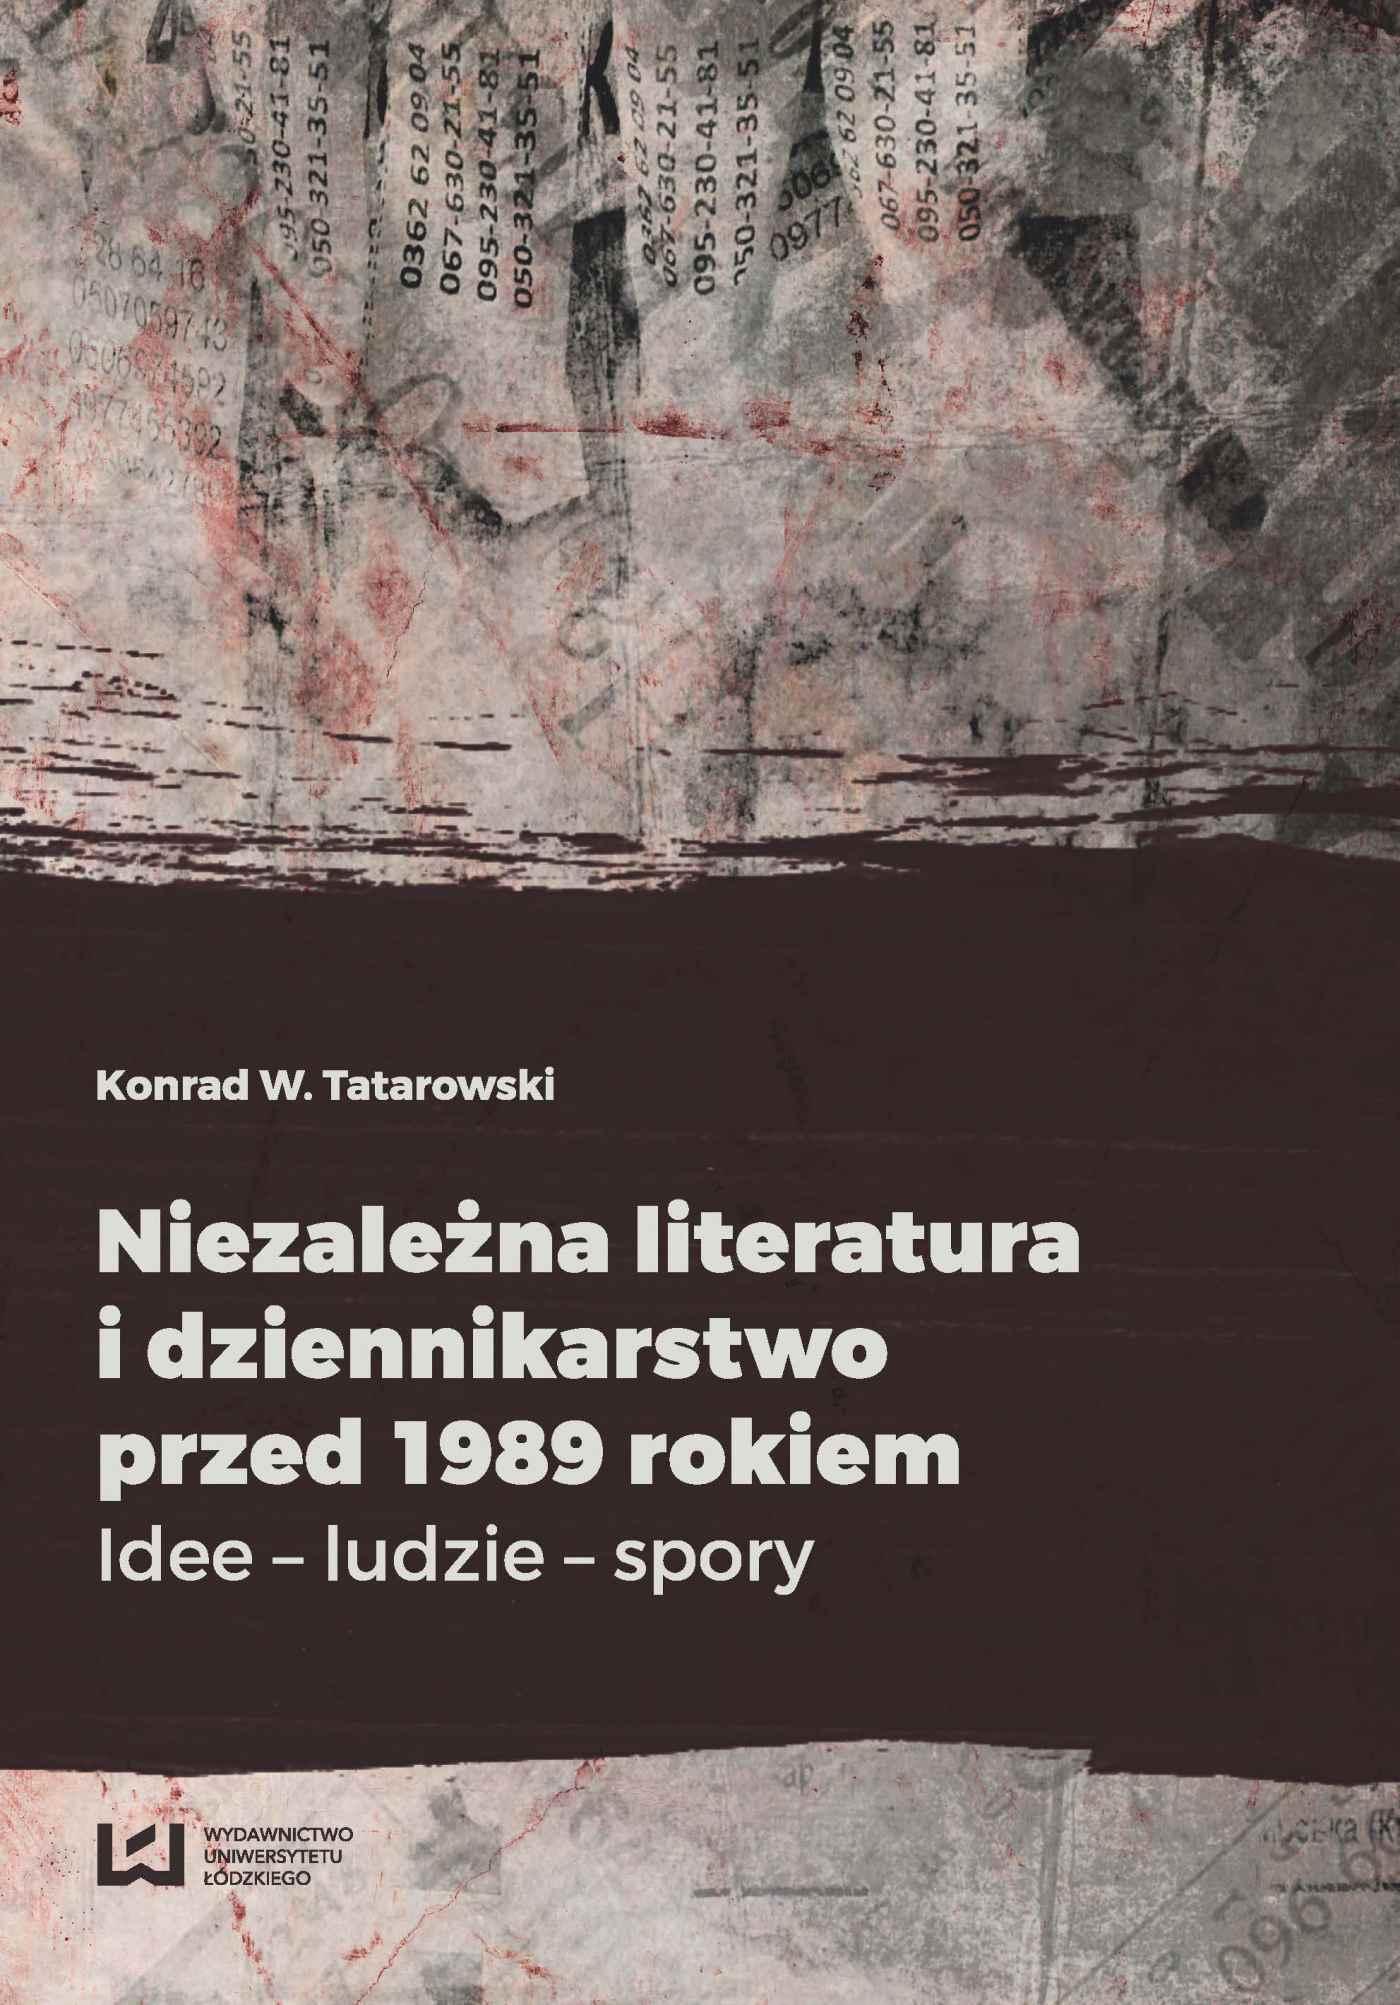 Niezależna literatura i dziennikarstwo przed 1989 rokiem. Idee - ludzie - spory - Ebook (Książka PDF) do pobrania w formacie PDF